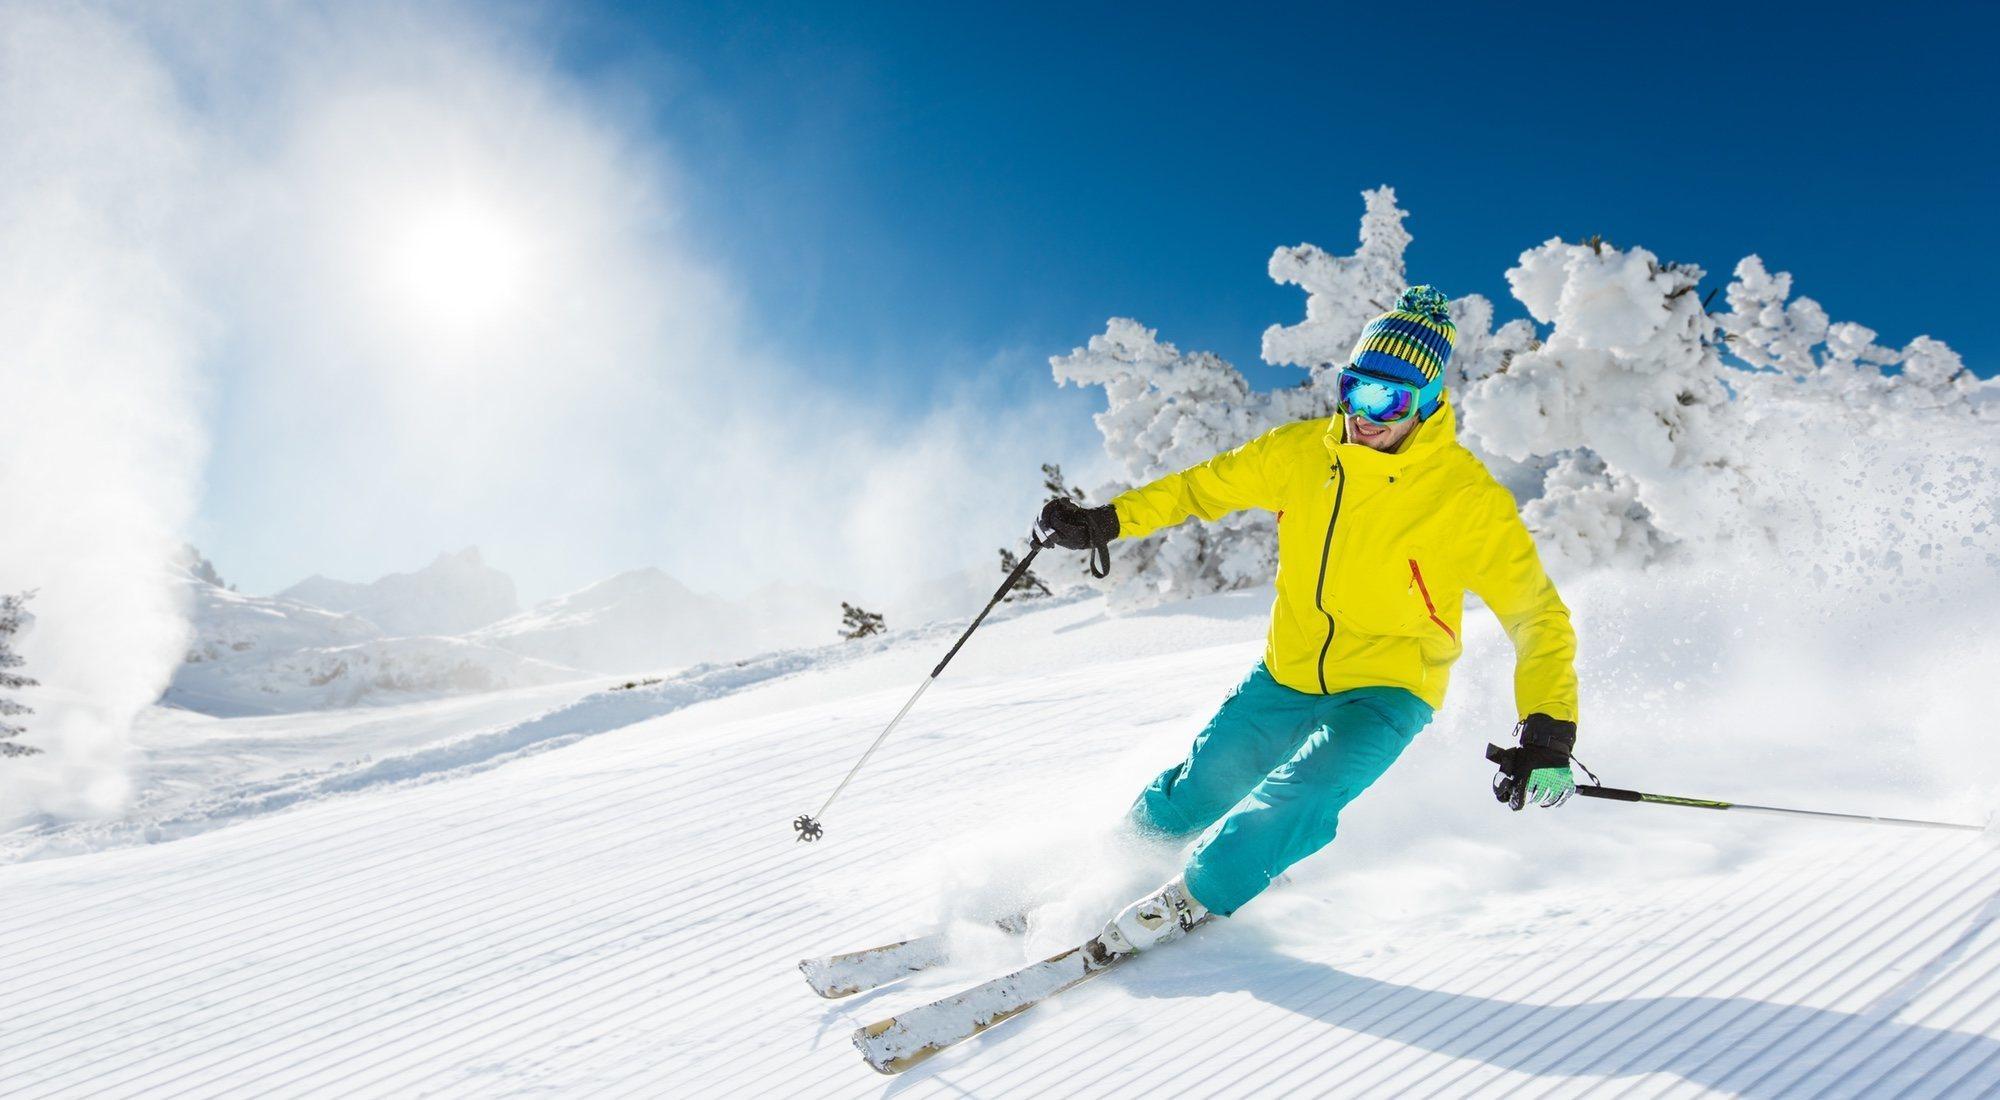 Ropa de esquí para lucir en las pistas este invierno